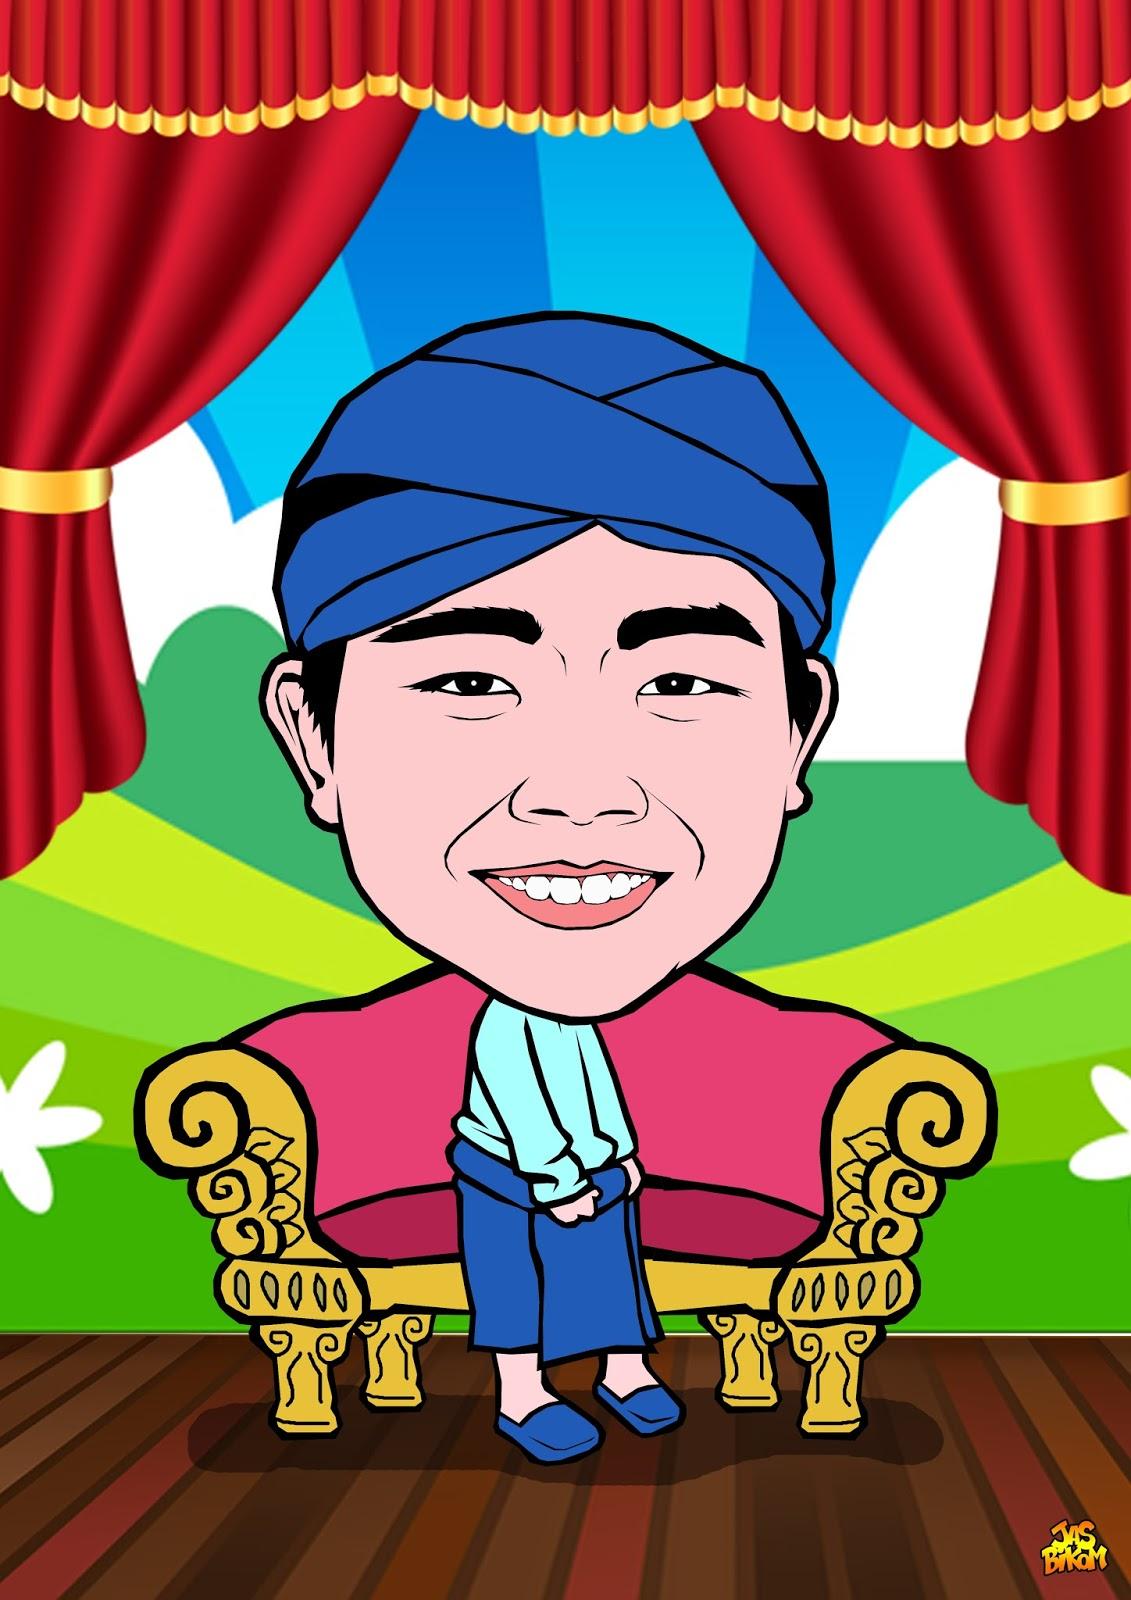 Gambar Anak Sunat Kartun : gambar, sunat, kartun, Gambar, Pengantin, Sunat, Kartun, Cikimm.com